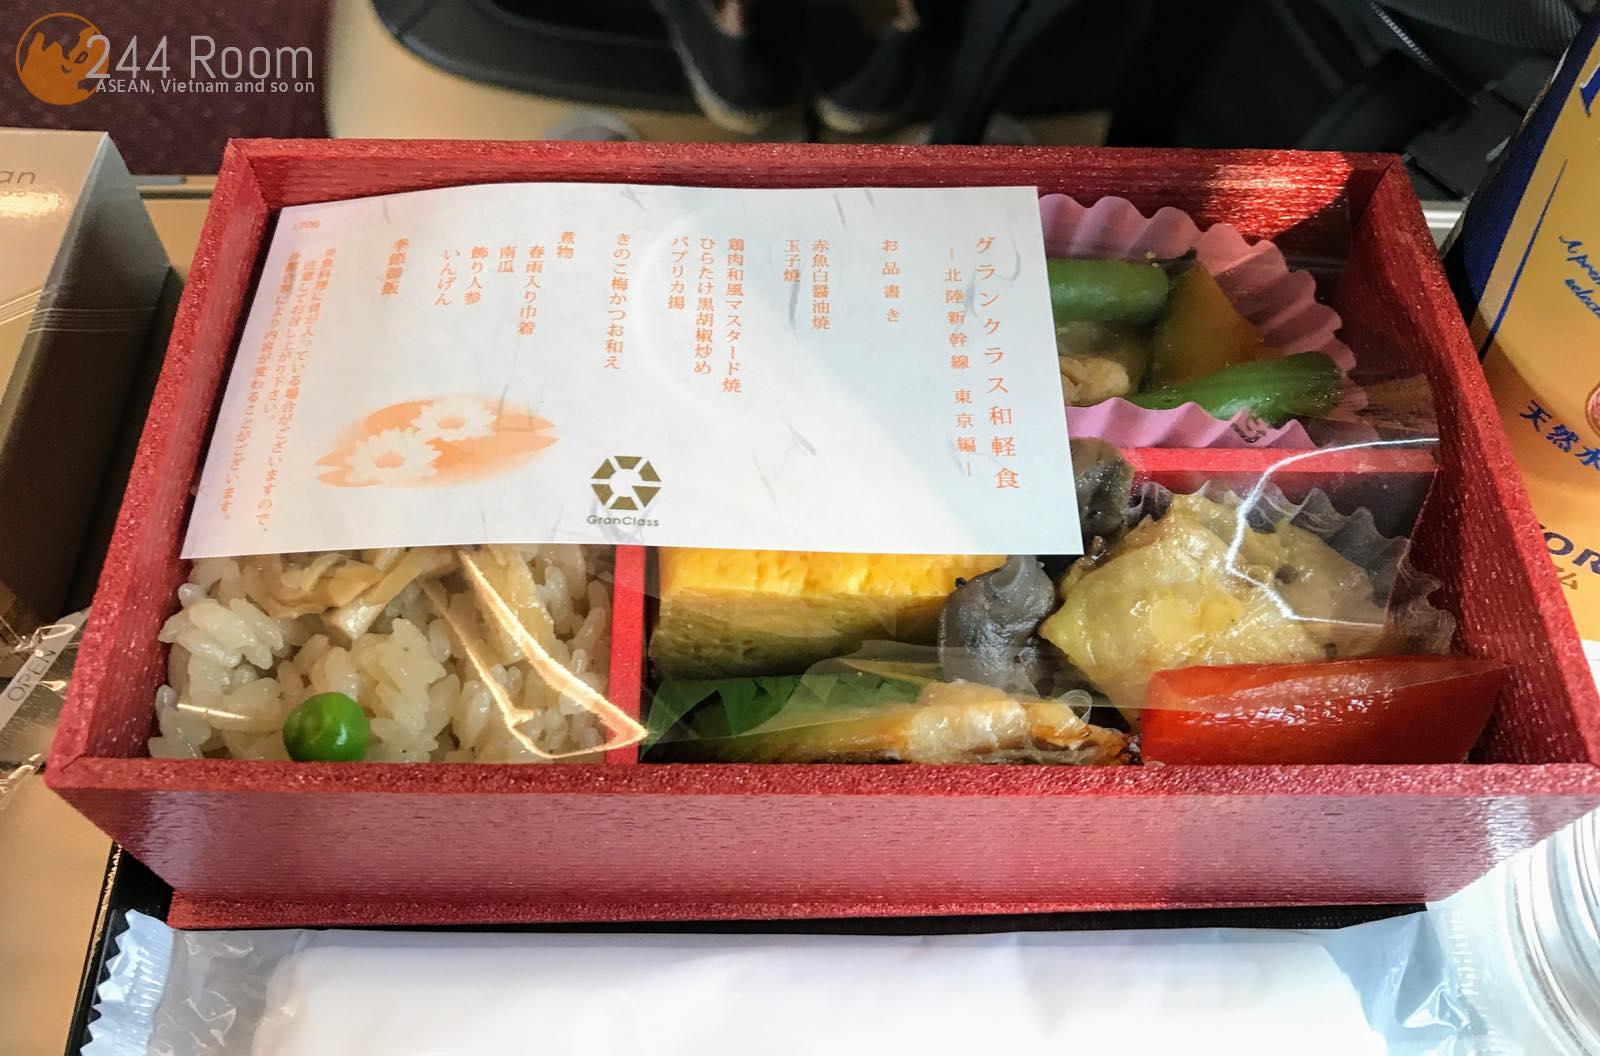 グランクラス和食お弁当 Granclass-japanese-meal